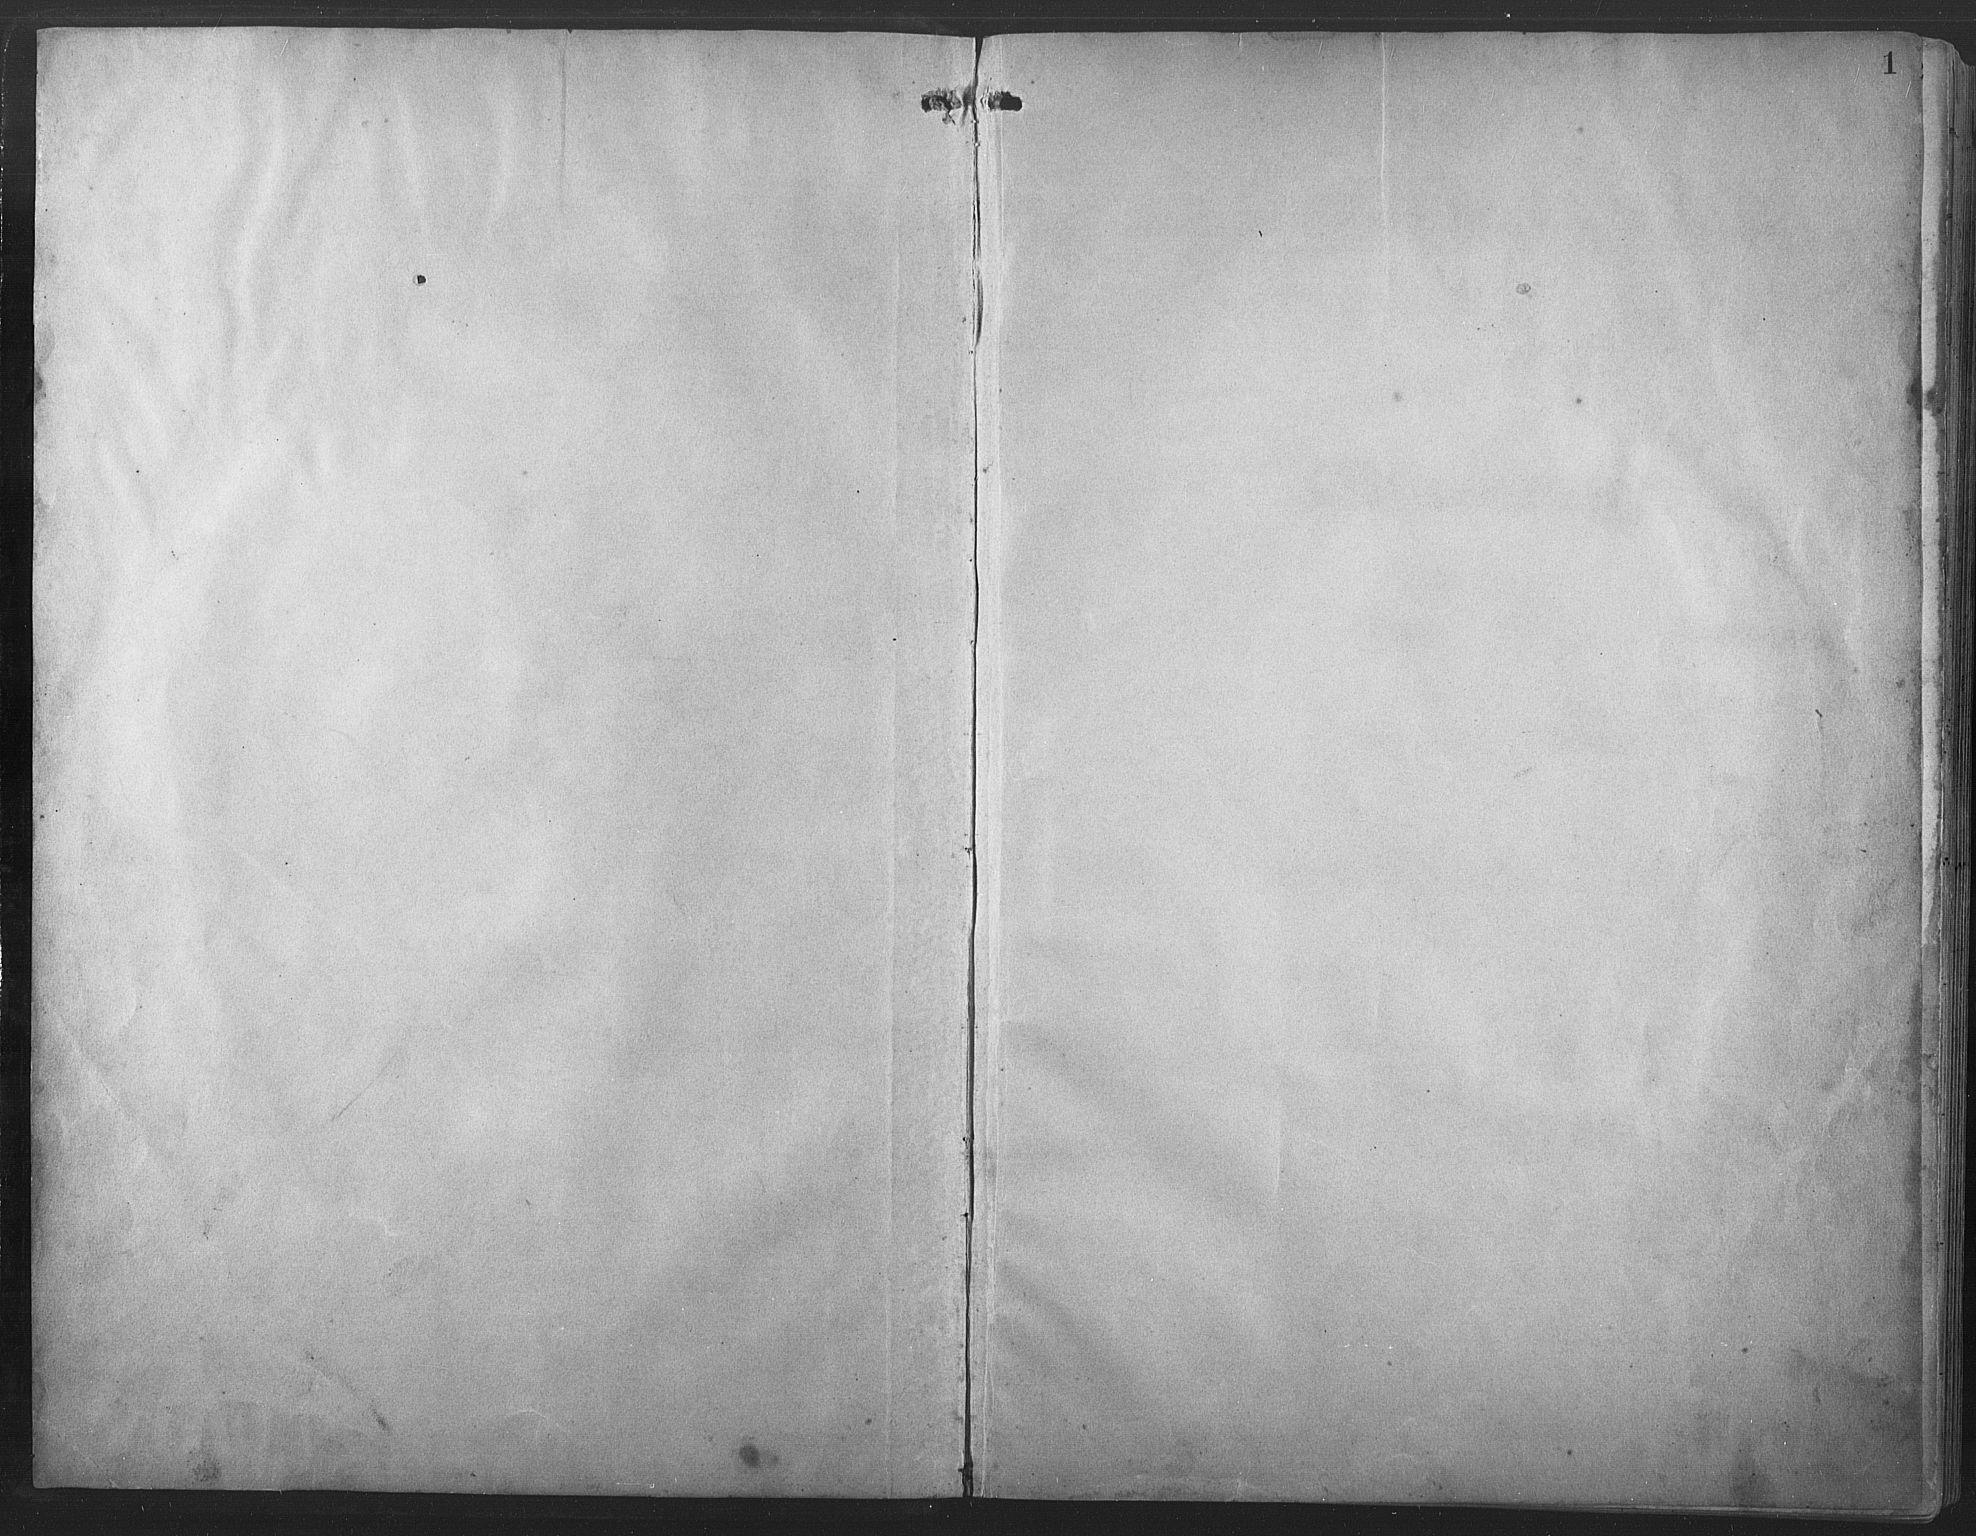 SAT, Ministerialprotokoller, klokkerbøker og fødselsregistre - Nord-Trøndelag, 789/L0706: Klokkerbok nr. 789C01, 1888-1931, s. 1